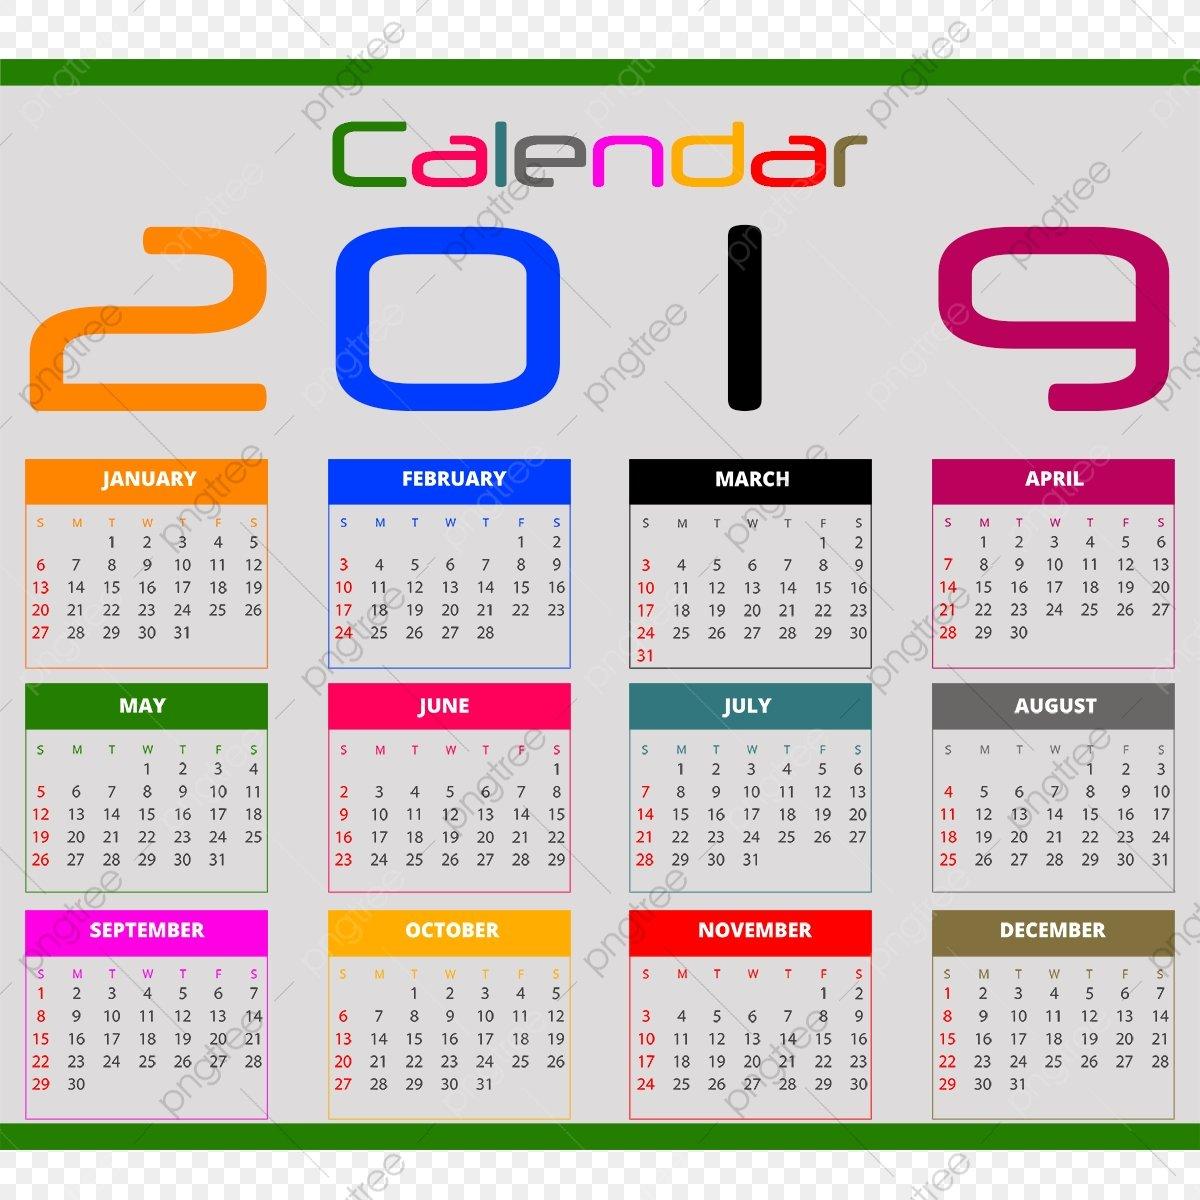 Calendar 2019, Calendar 2019 تقويم 2019, 2019 Calendar, Calendar Calendar 2019 Clipart